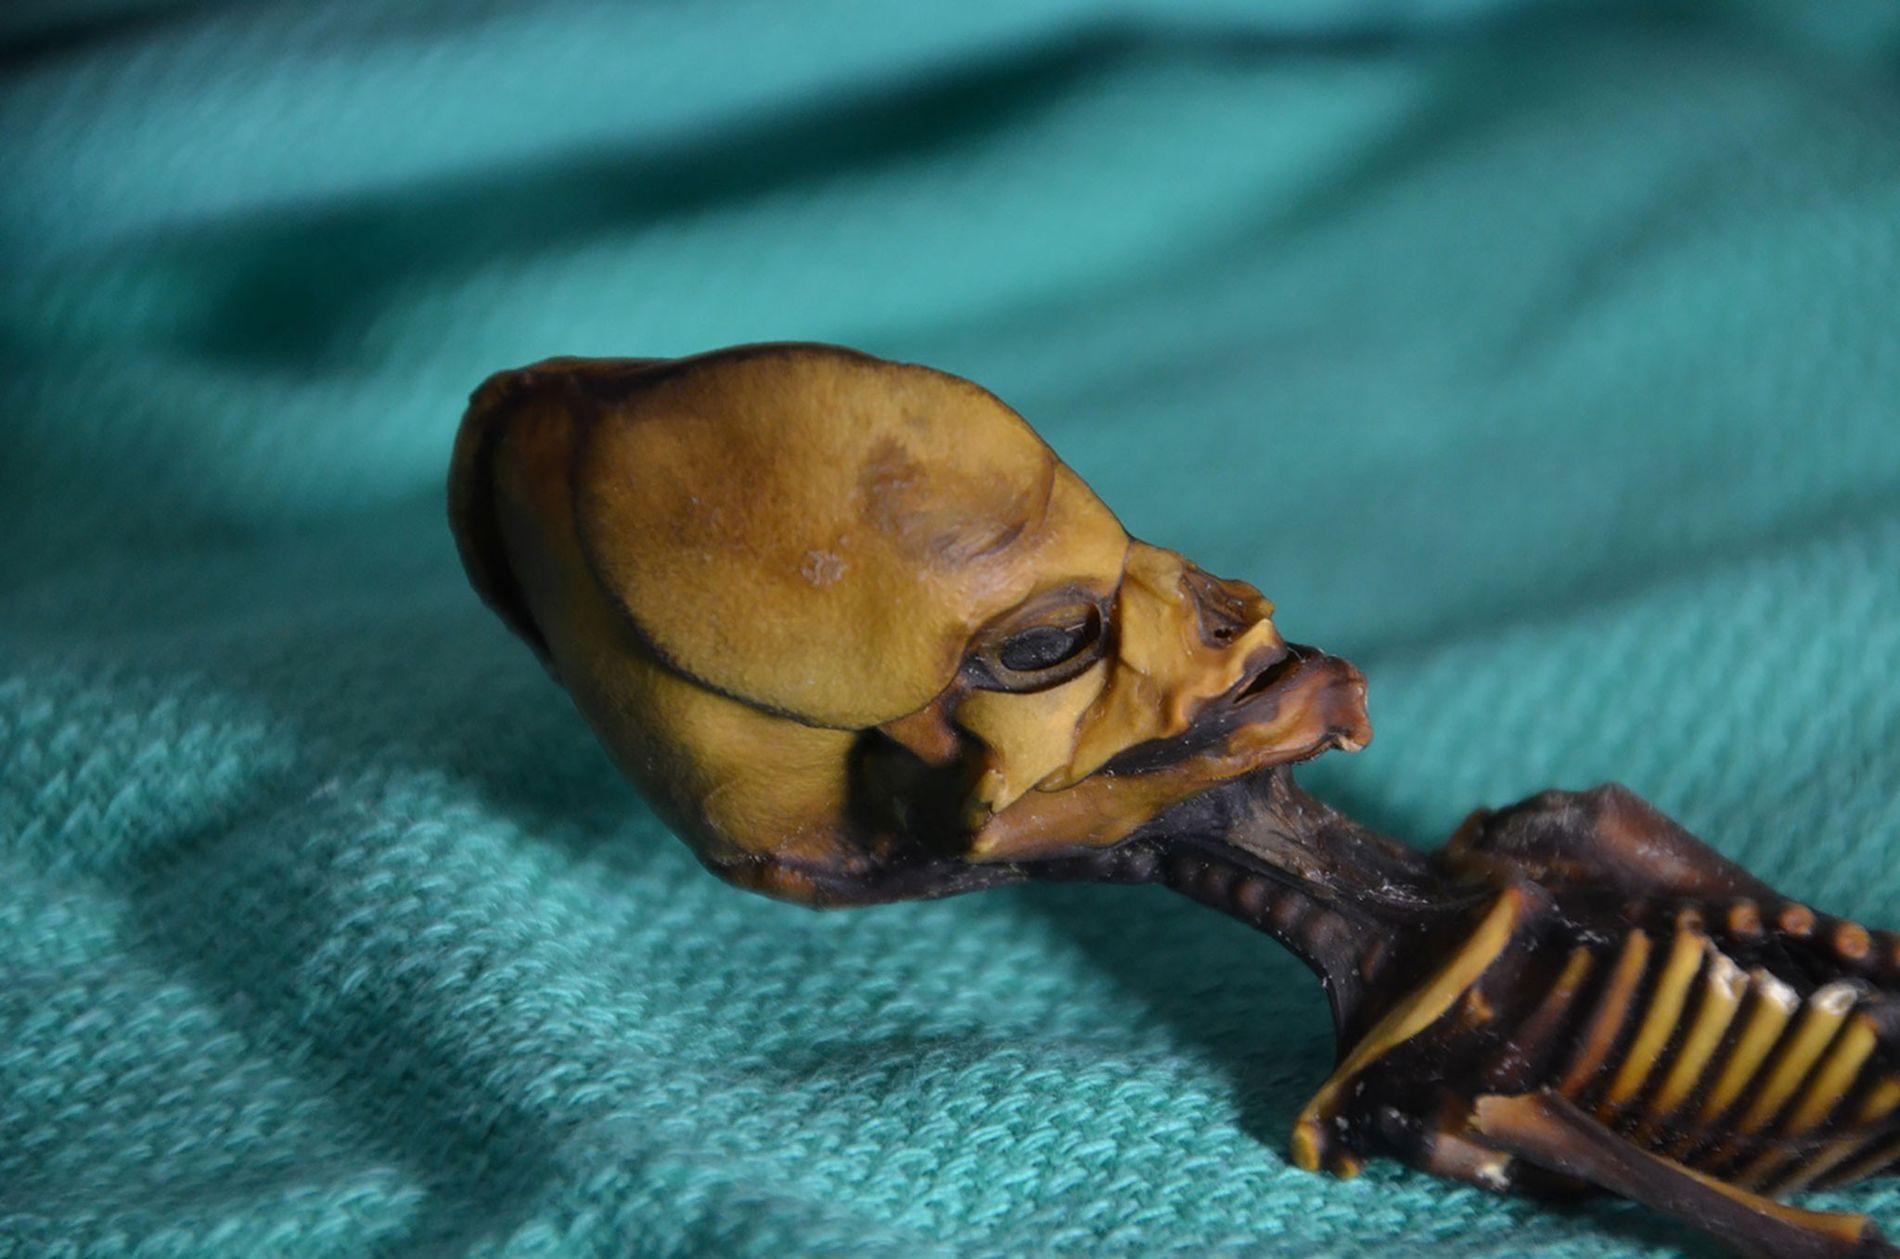 Ata, la momie de 15 centimètres trouvée dans le désert d'Atacama, au Chili.